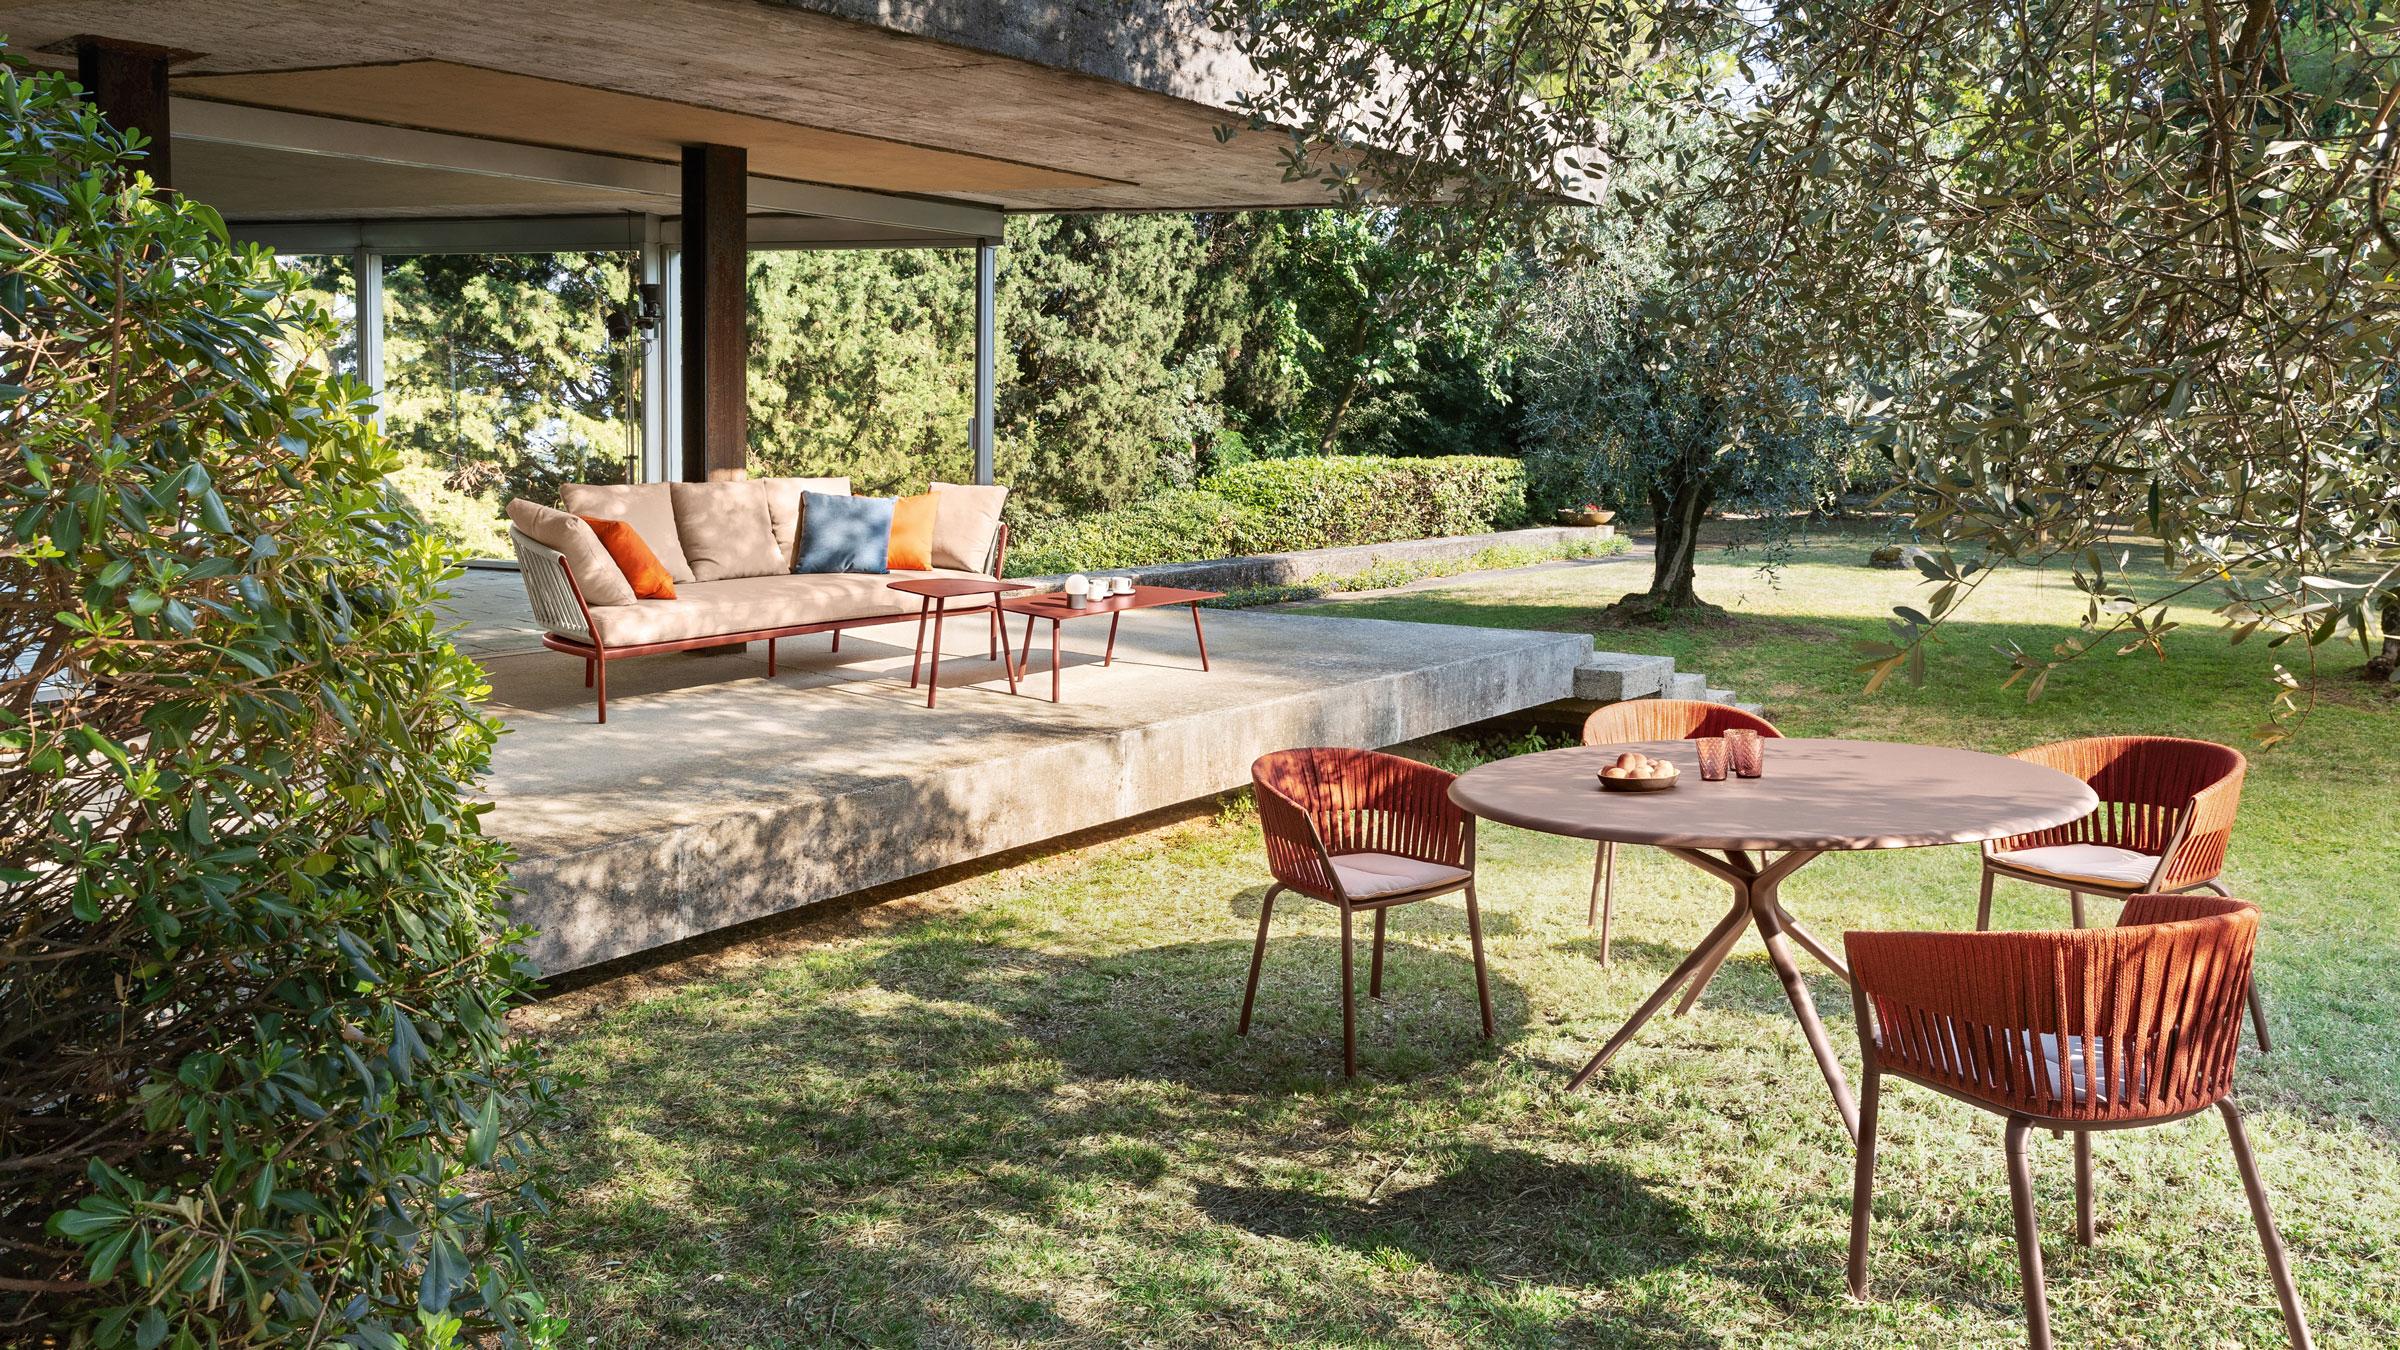 hauser-design-fast-ria-sofa-in-orange